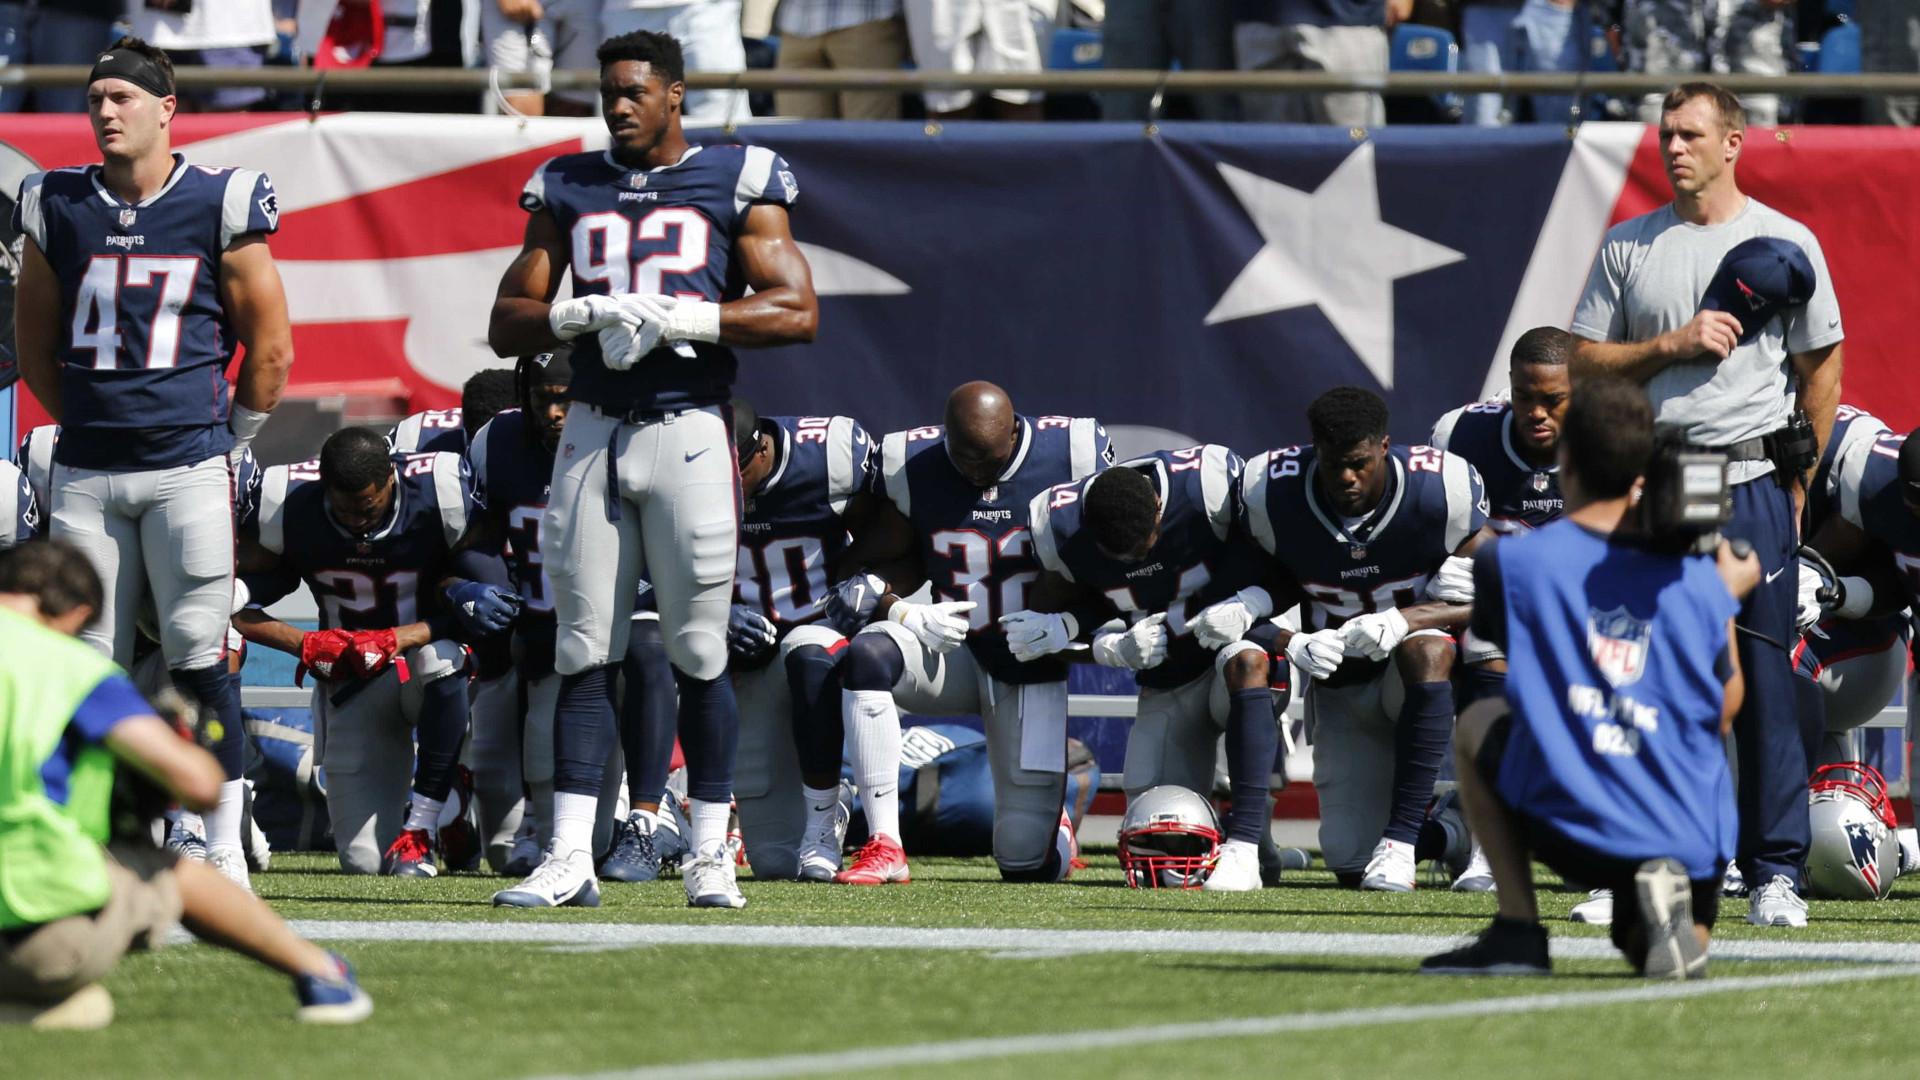 Futebol norte-americano desafia Trump e jogadores ajoelham durante o hino